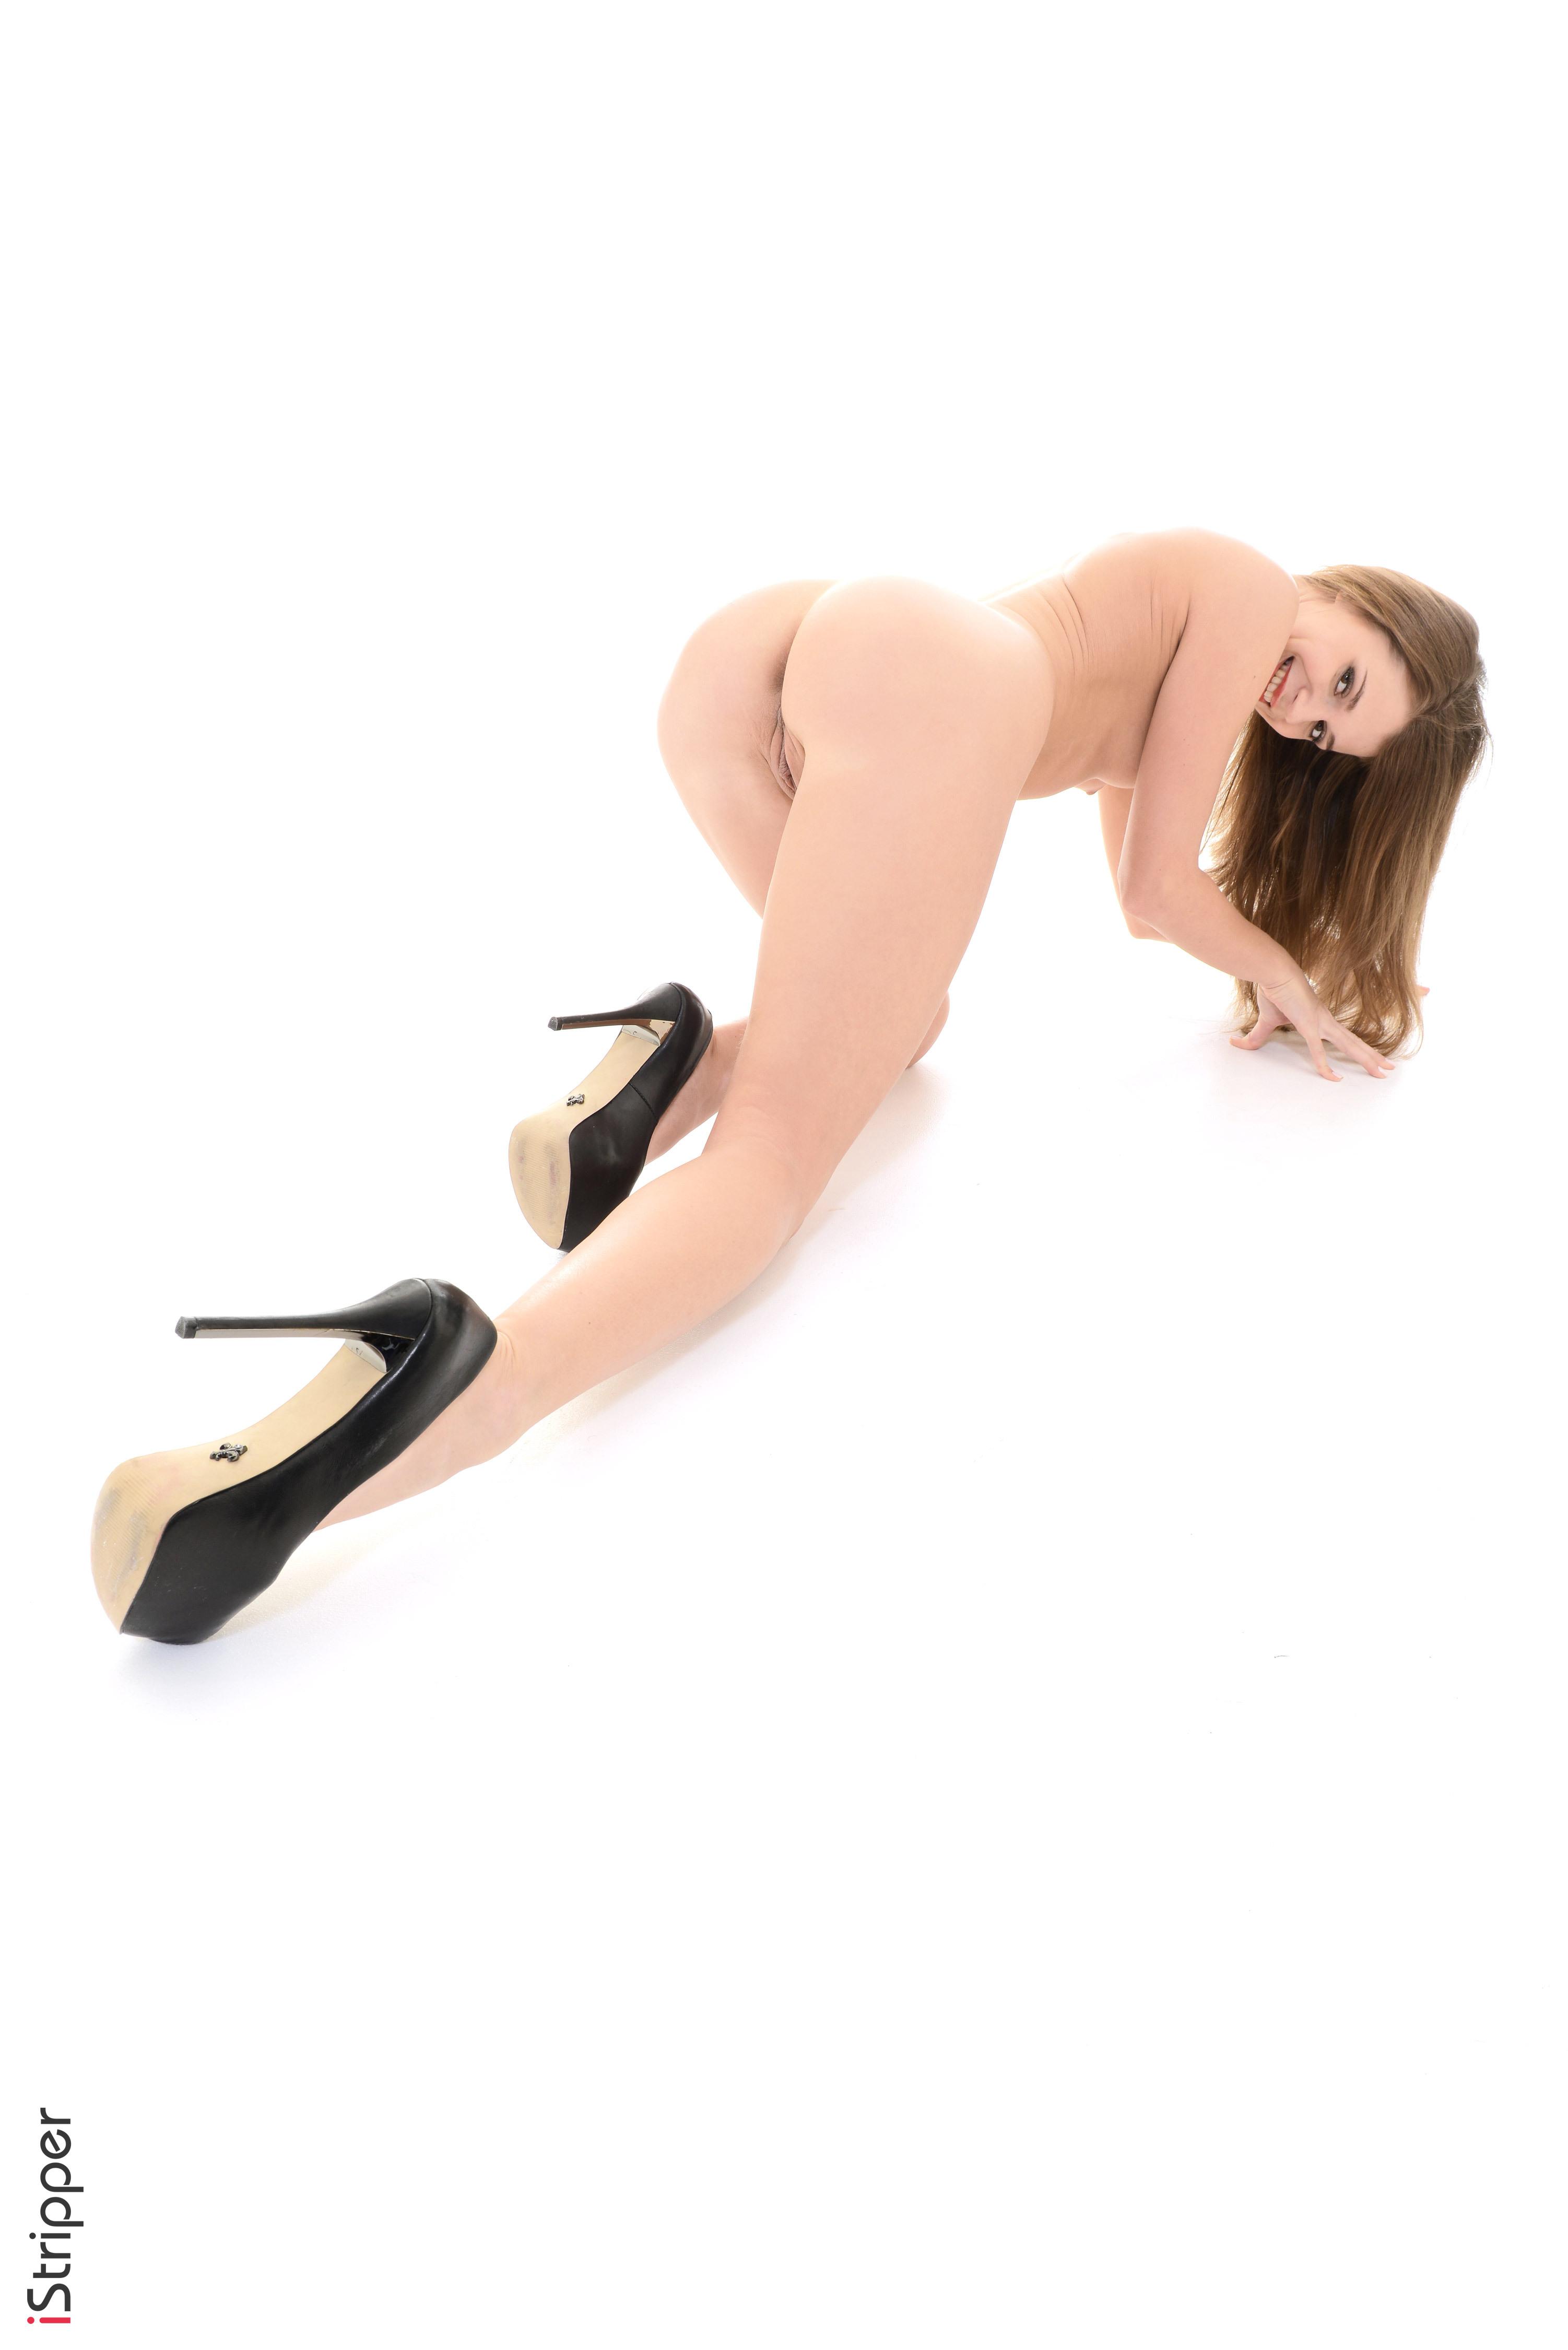 wallpaper sexy ass